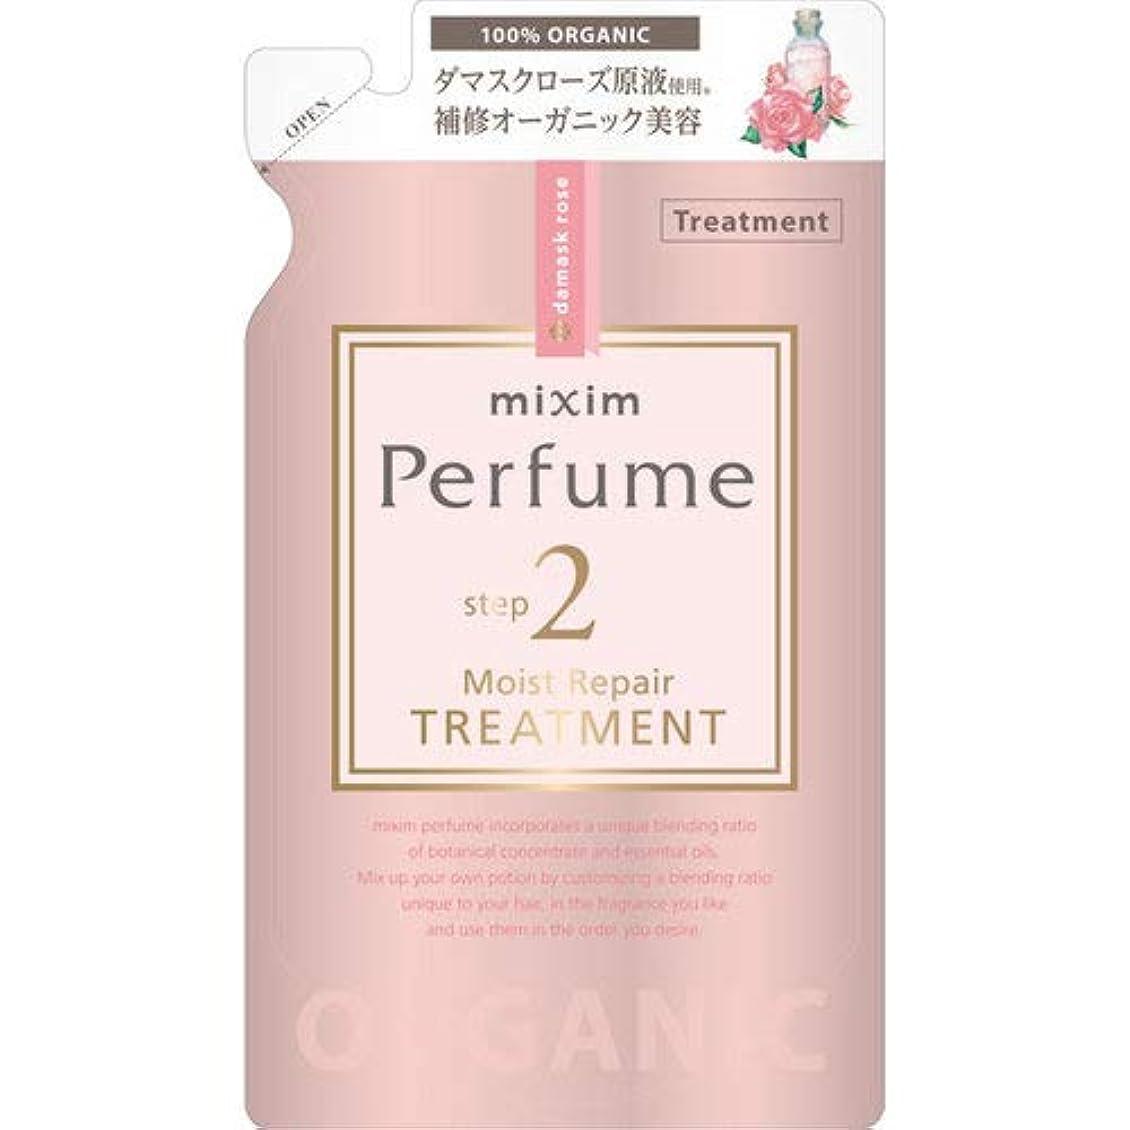 修正する変わる大胆不敵mixim Perfume(ミクシムパフューム) モイストリペア ヘアトリートメントつめかえ用 350g